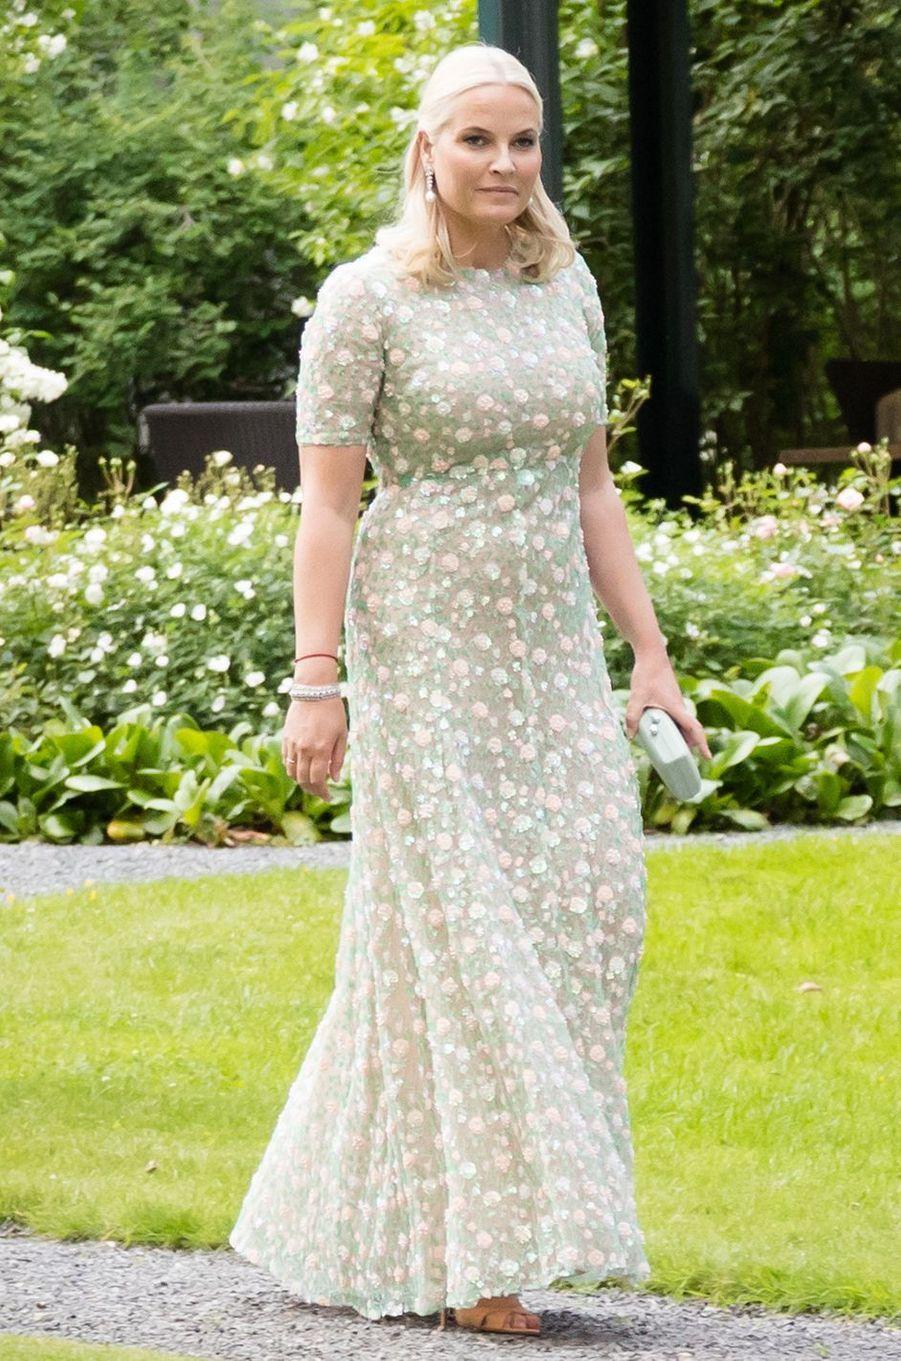 La princesse Mette-Marit de Norvège à Oslo, le 4 juillet 2017